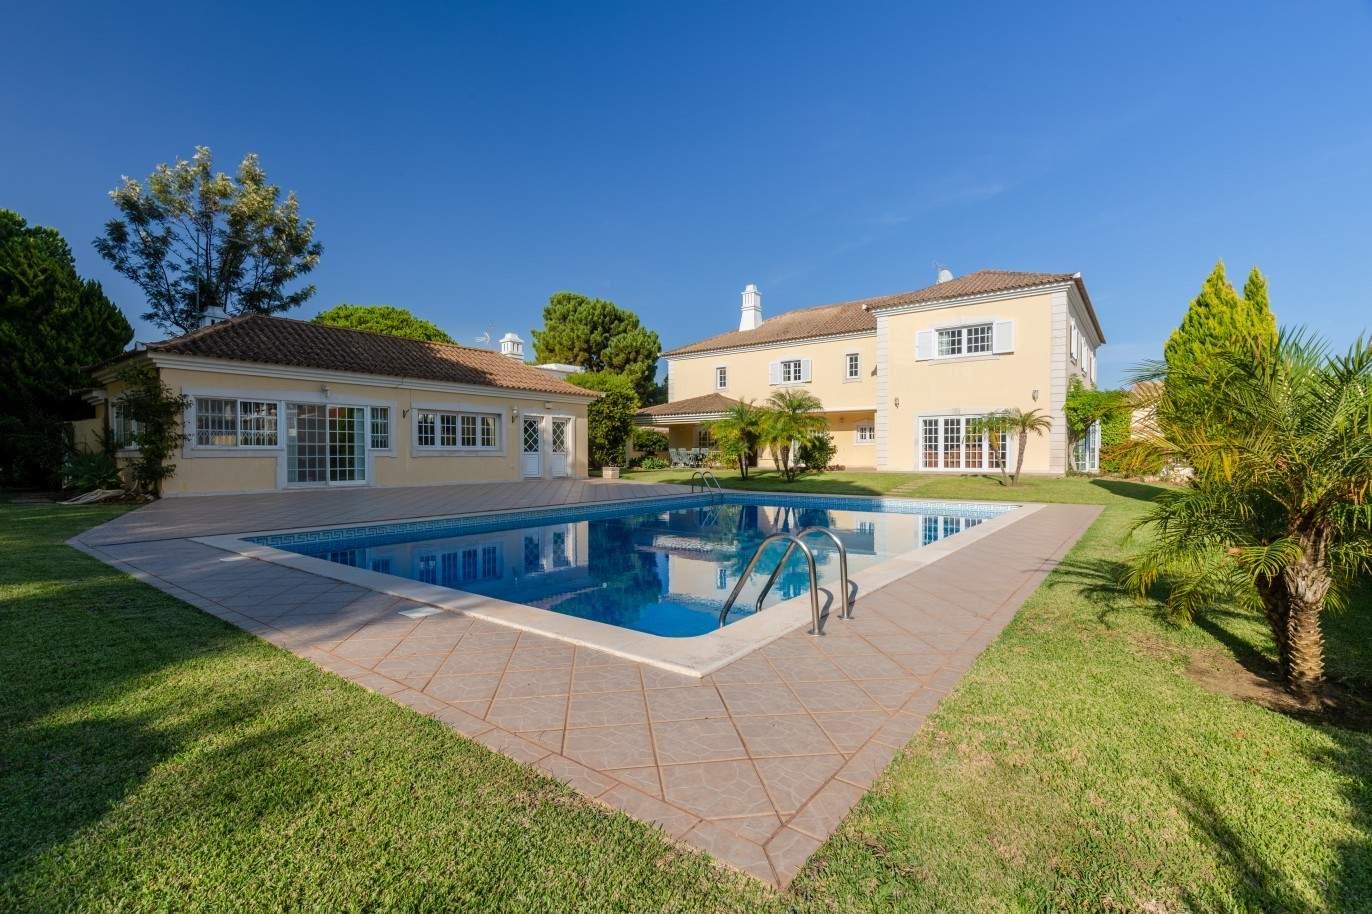 venda-de-moradia-de-luxo-frente-golfe-em-vilamoura-algarve-portugal